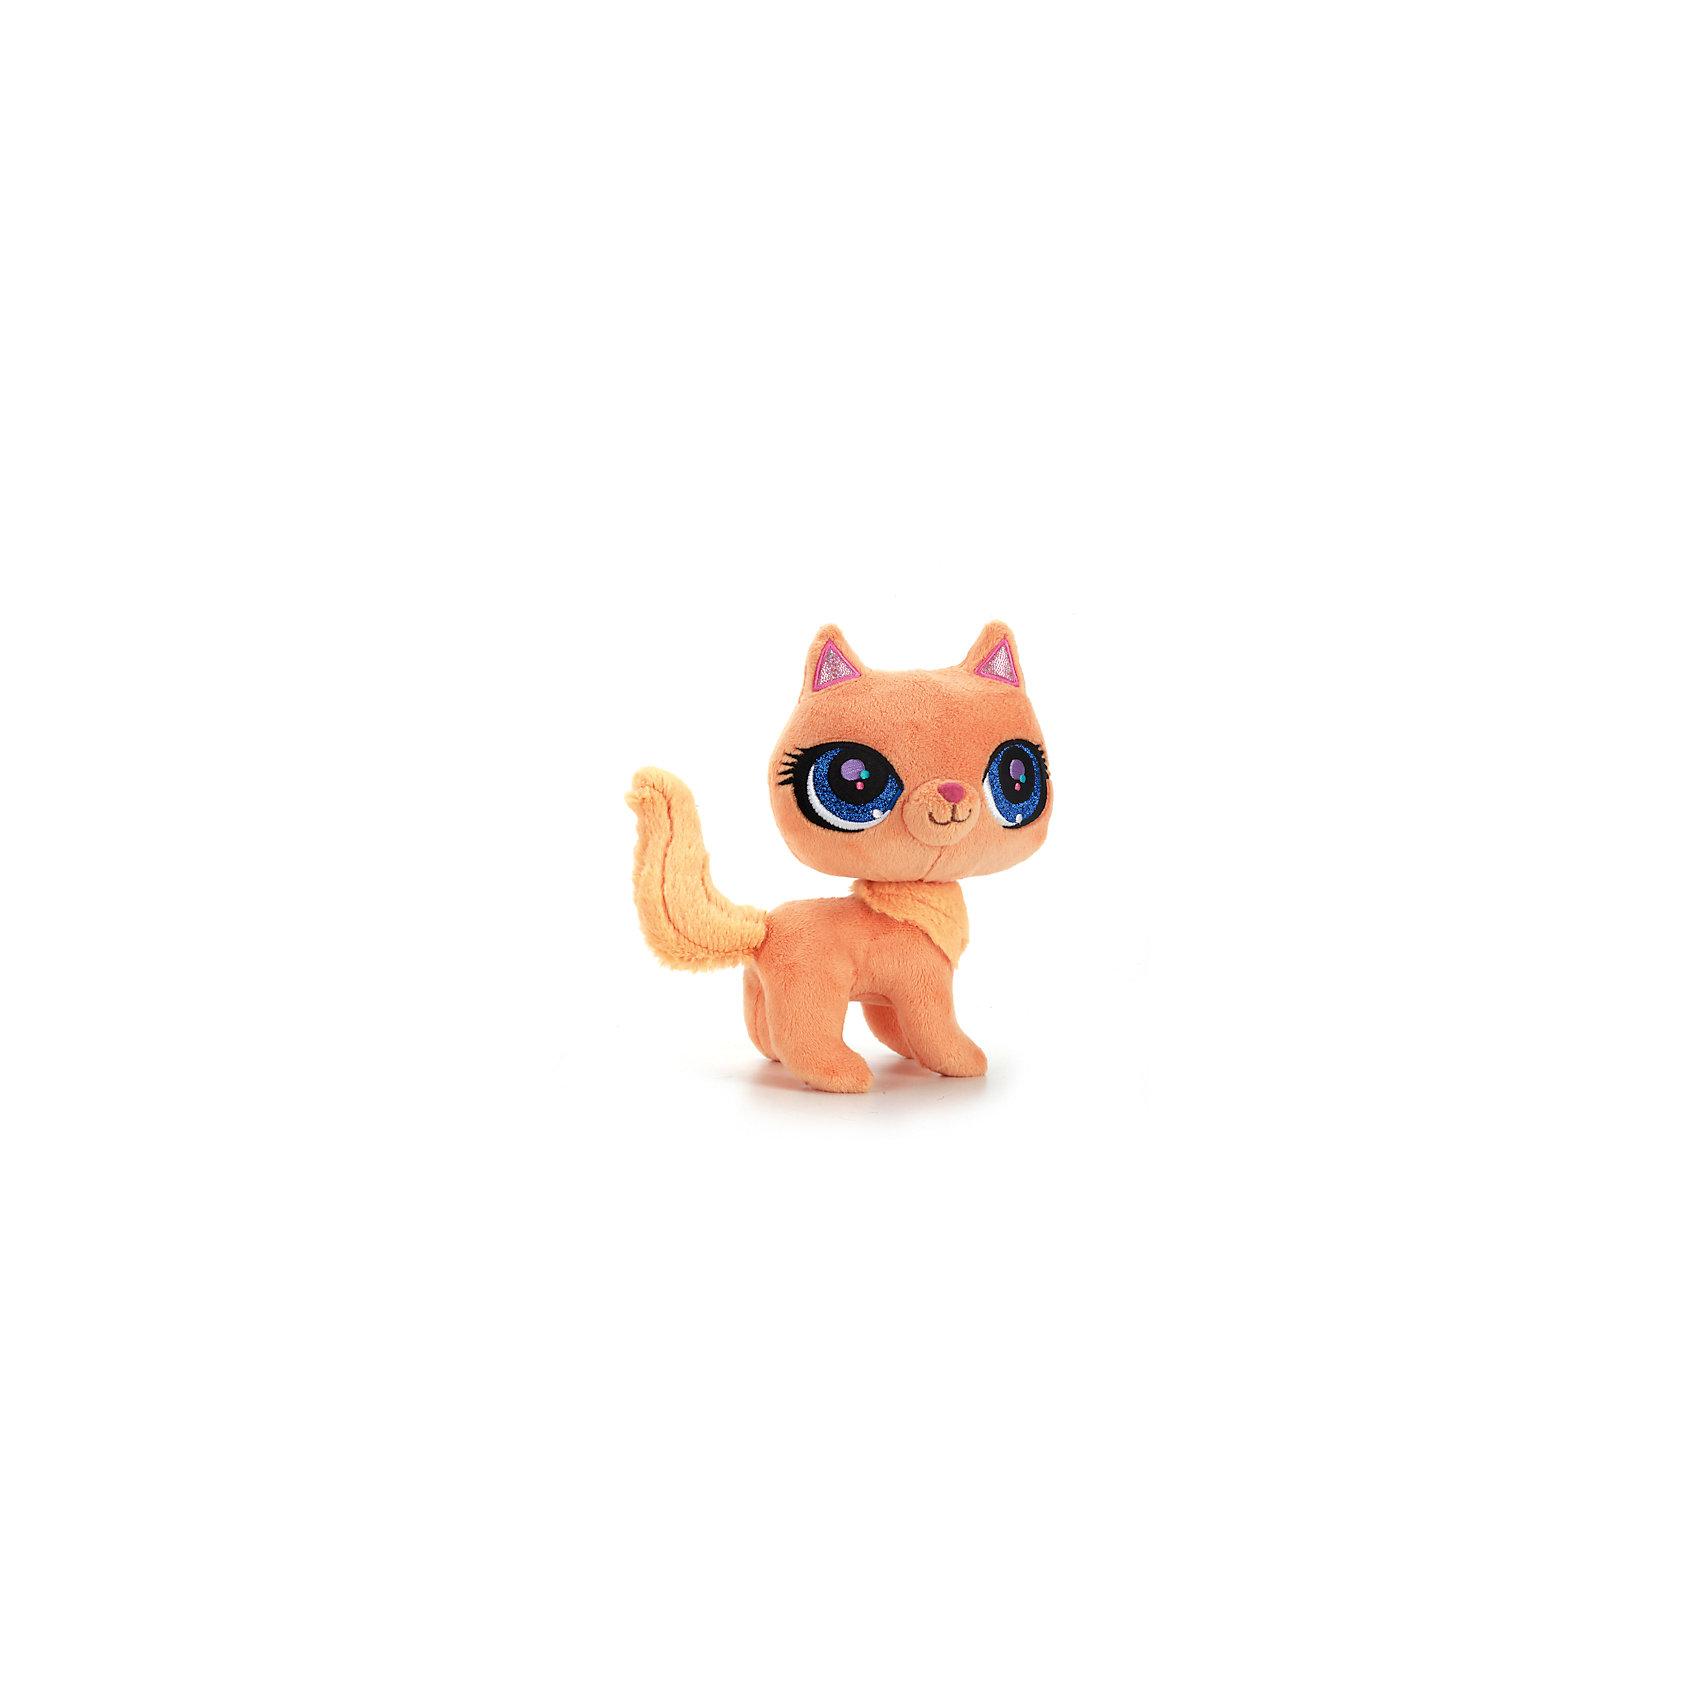 МУЛЬТИ-ПУЛЬТИ Мягкая игрушка  Рыжая кошка, 17 см, со звуком,  МУЛЬТИ-ПУЛЬТИ мульти пульти коза дереза 23 см со звуком мульти пульти